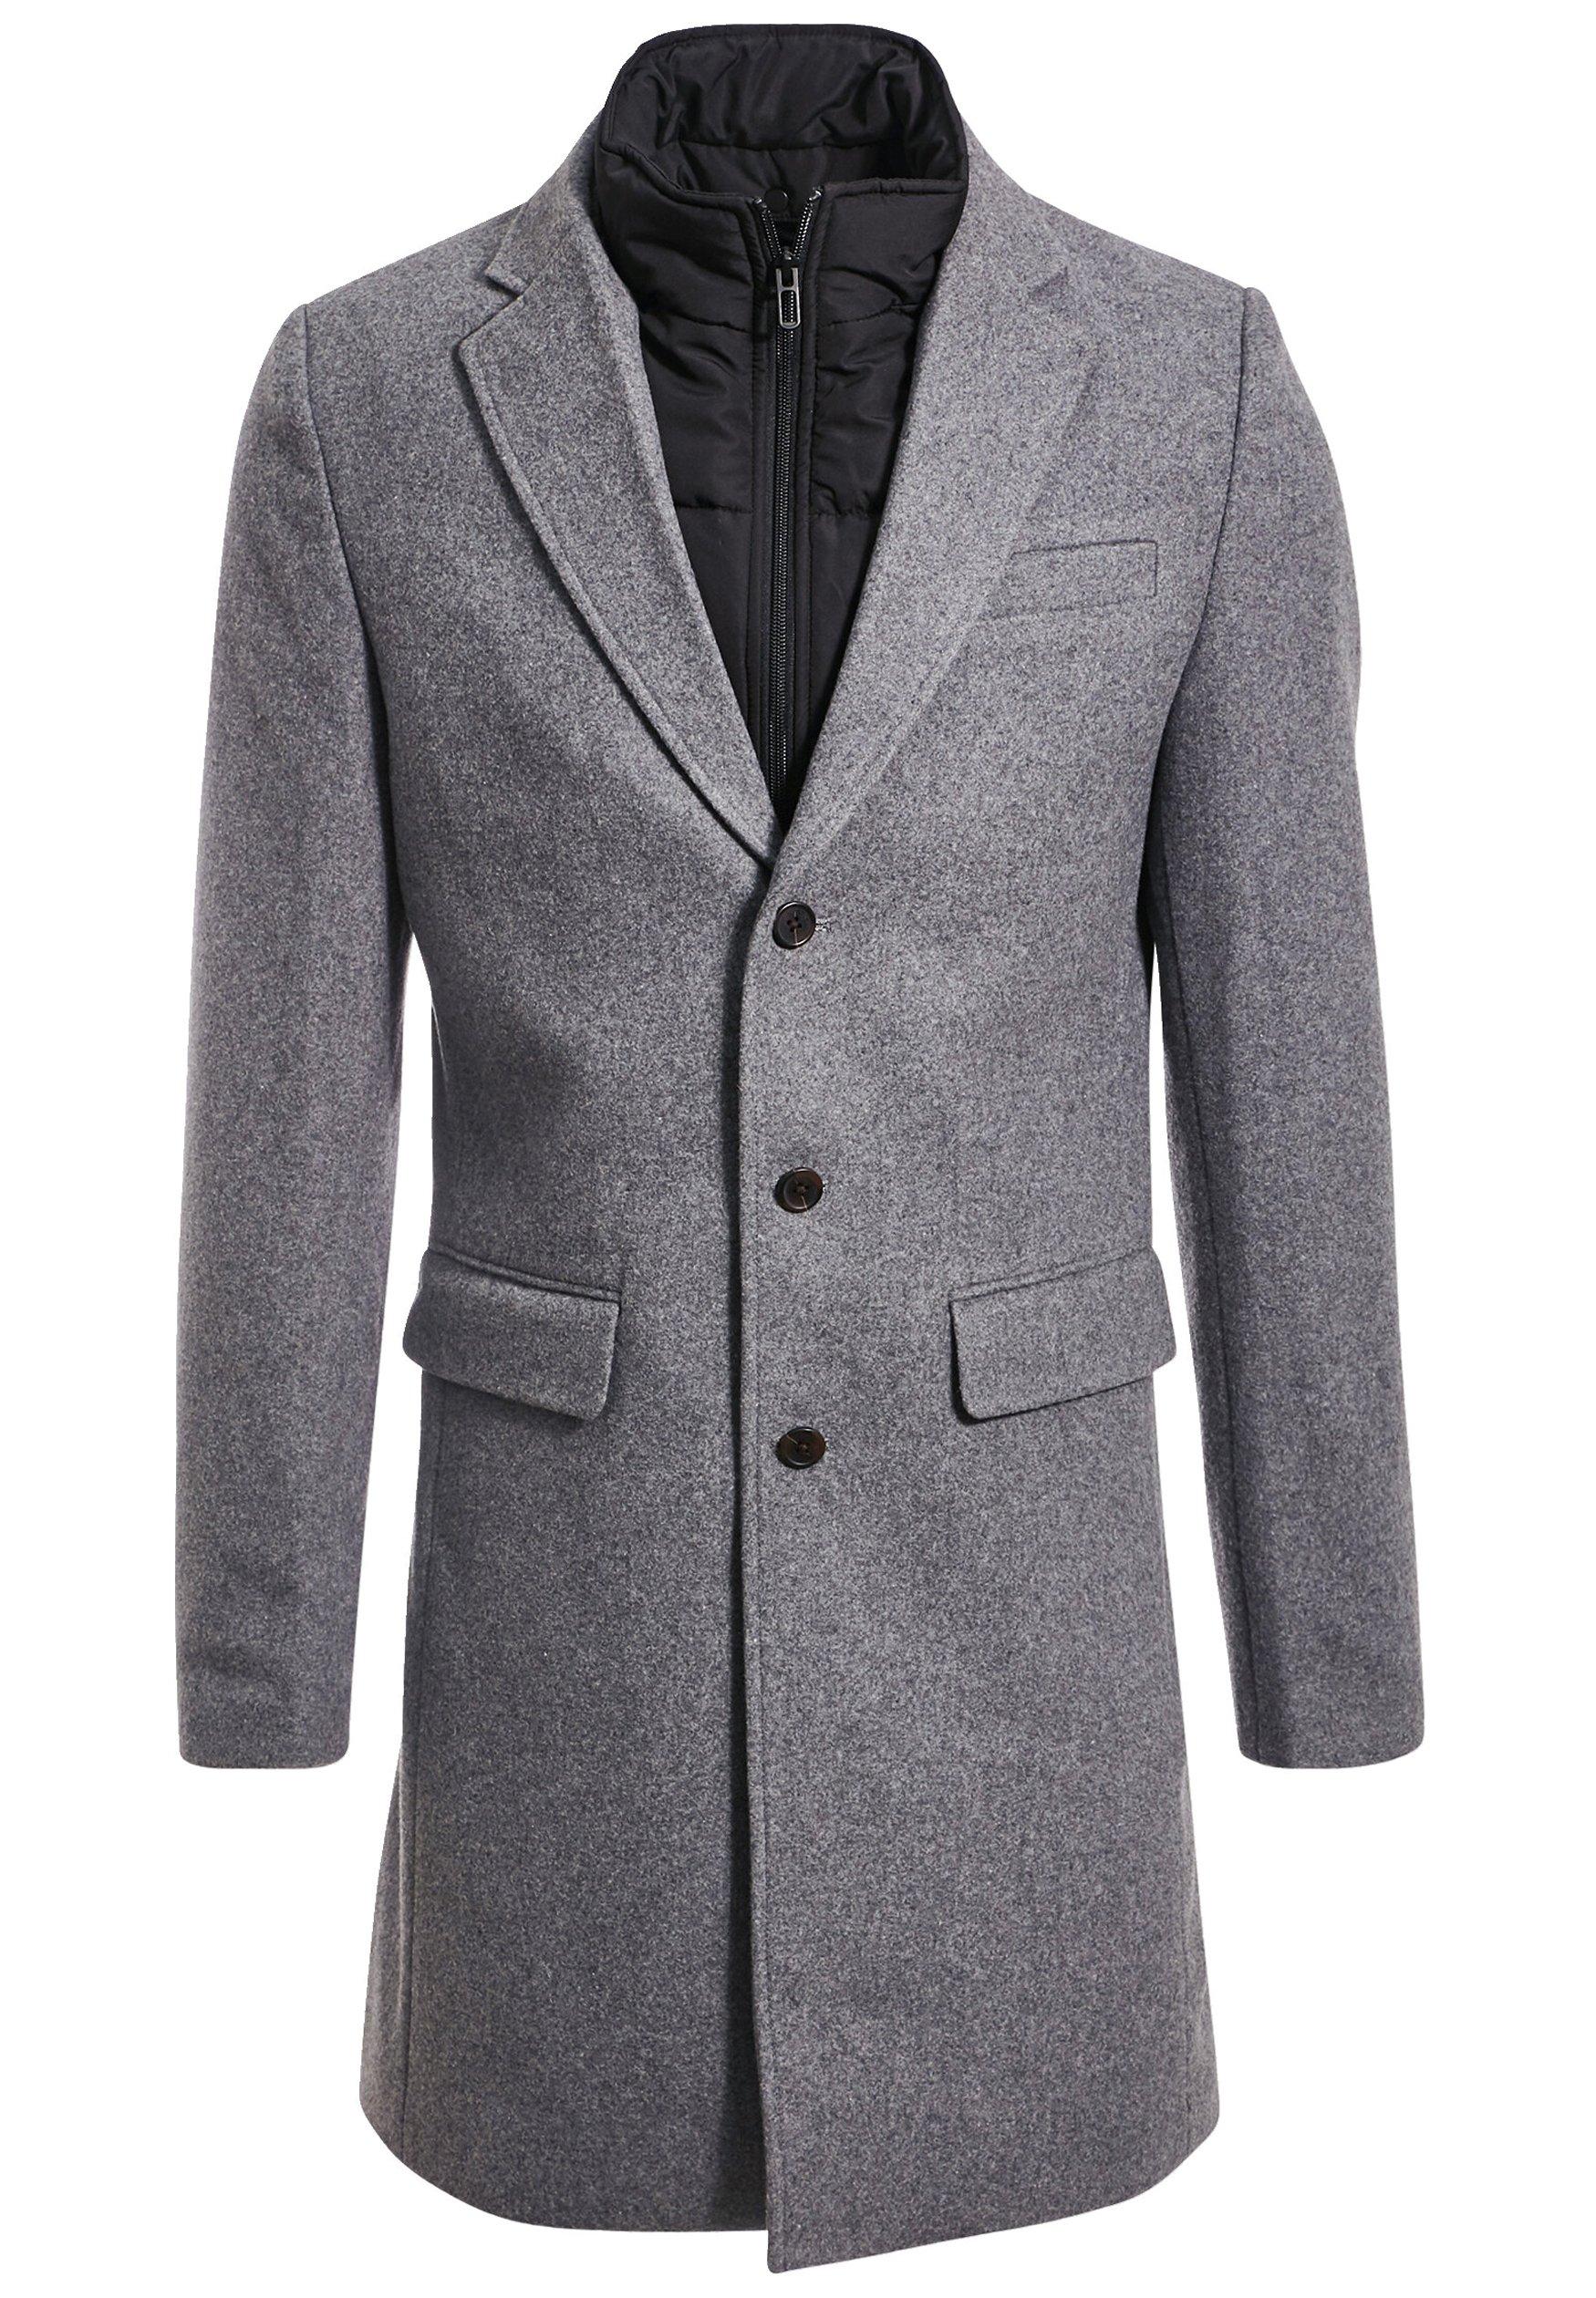 BONOBO Jeans Manteau classique gris foncé ZALANDO.FR